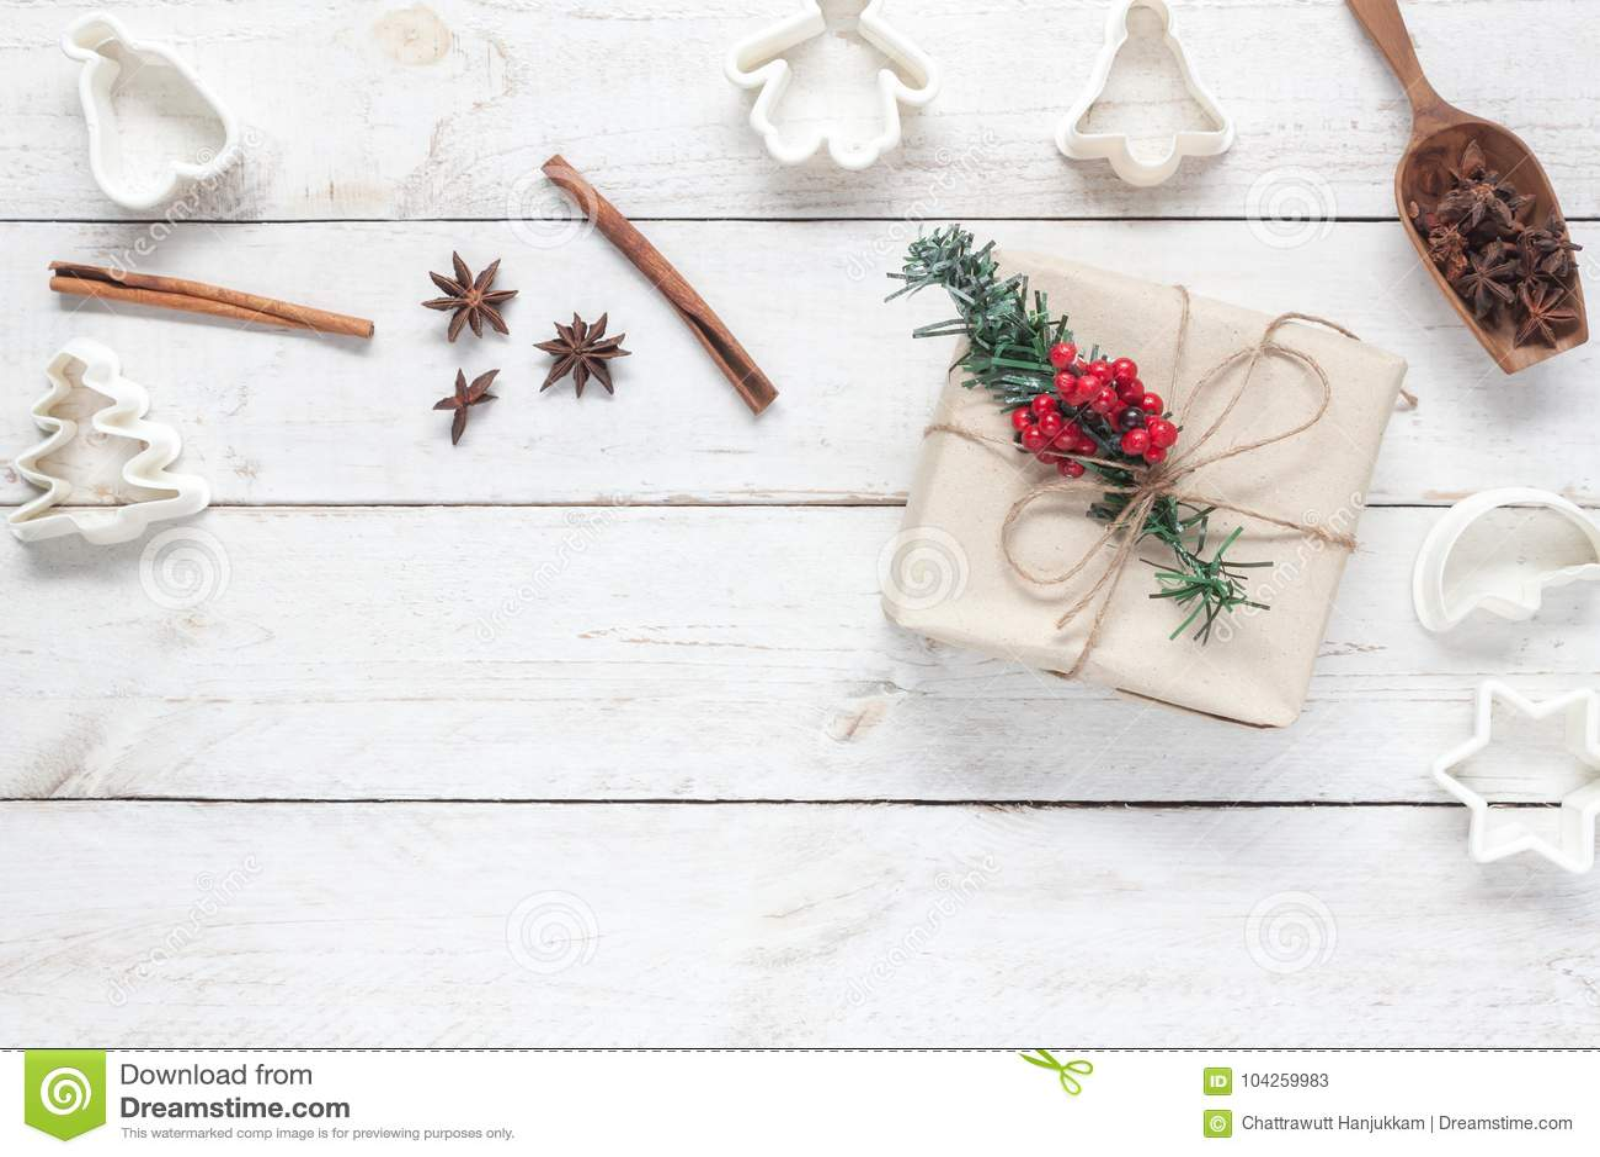 Postres Para Una Feliz Navidad.Imagen De La Vision Superior Concepto Del Fondo De La Feliz